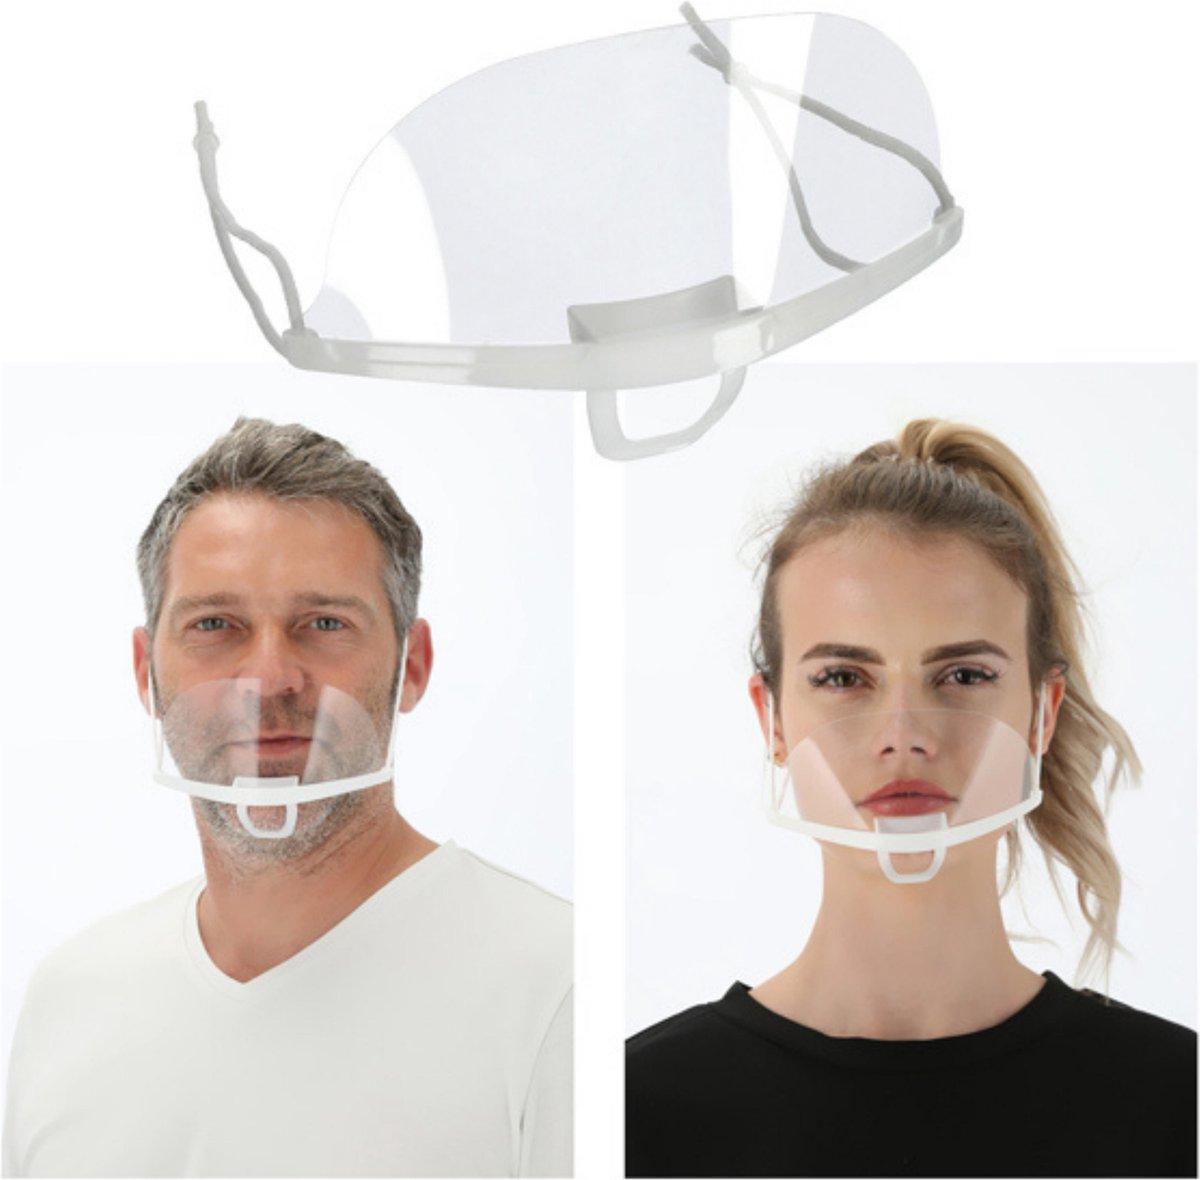 Face Shield - Gezichtscherm - Transparant Mondkapje - Doorzichtige Mondmaskers - Plastic Vizier - Pe